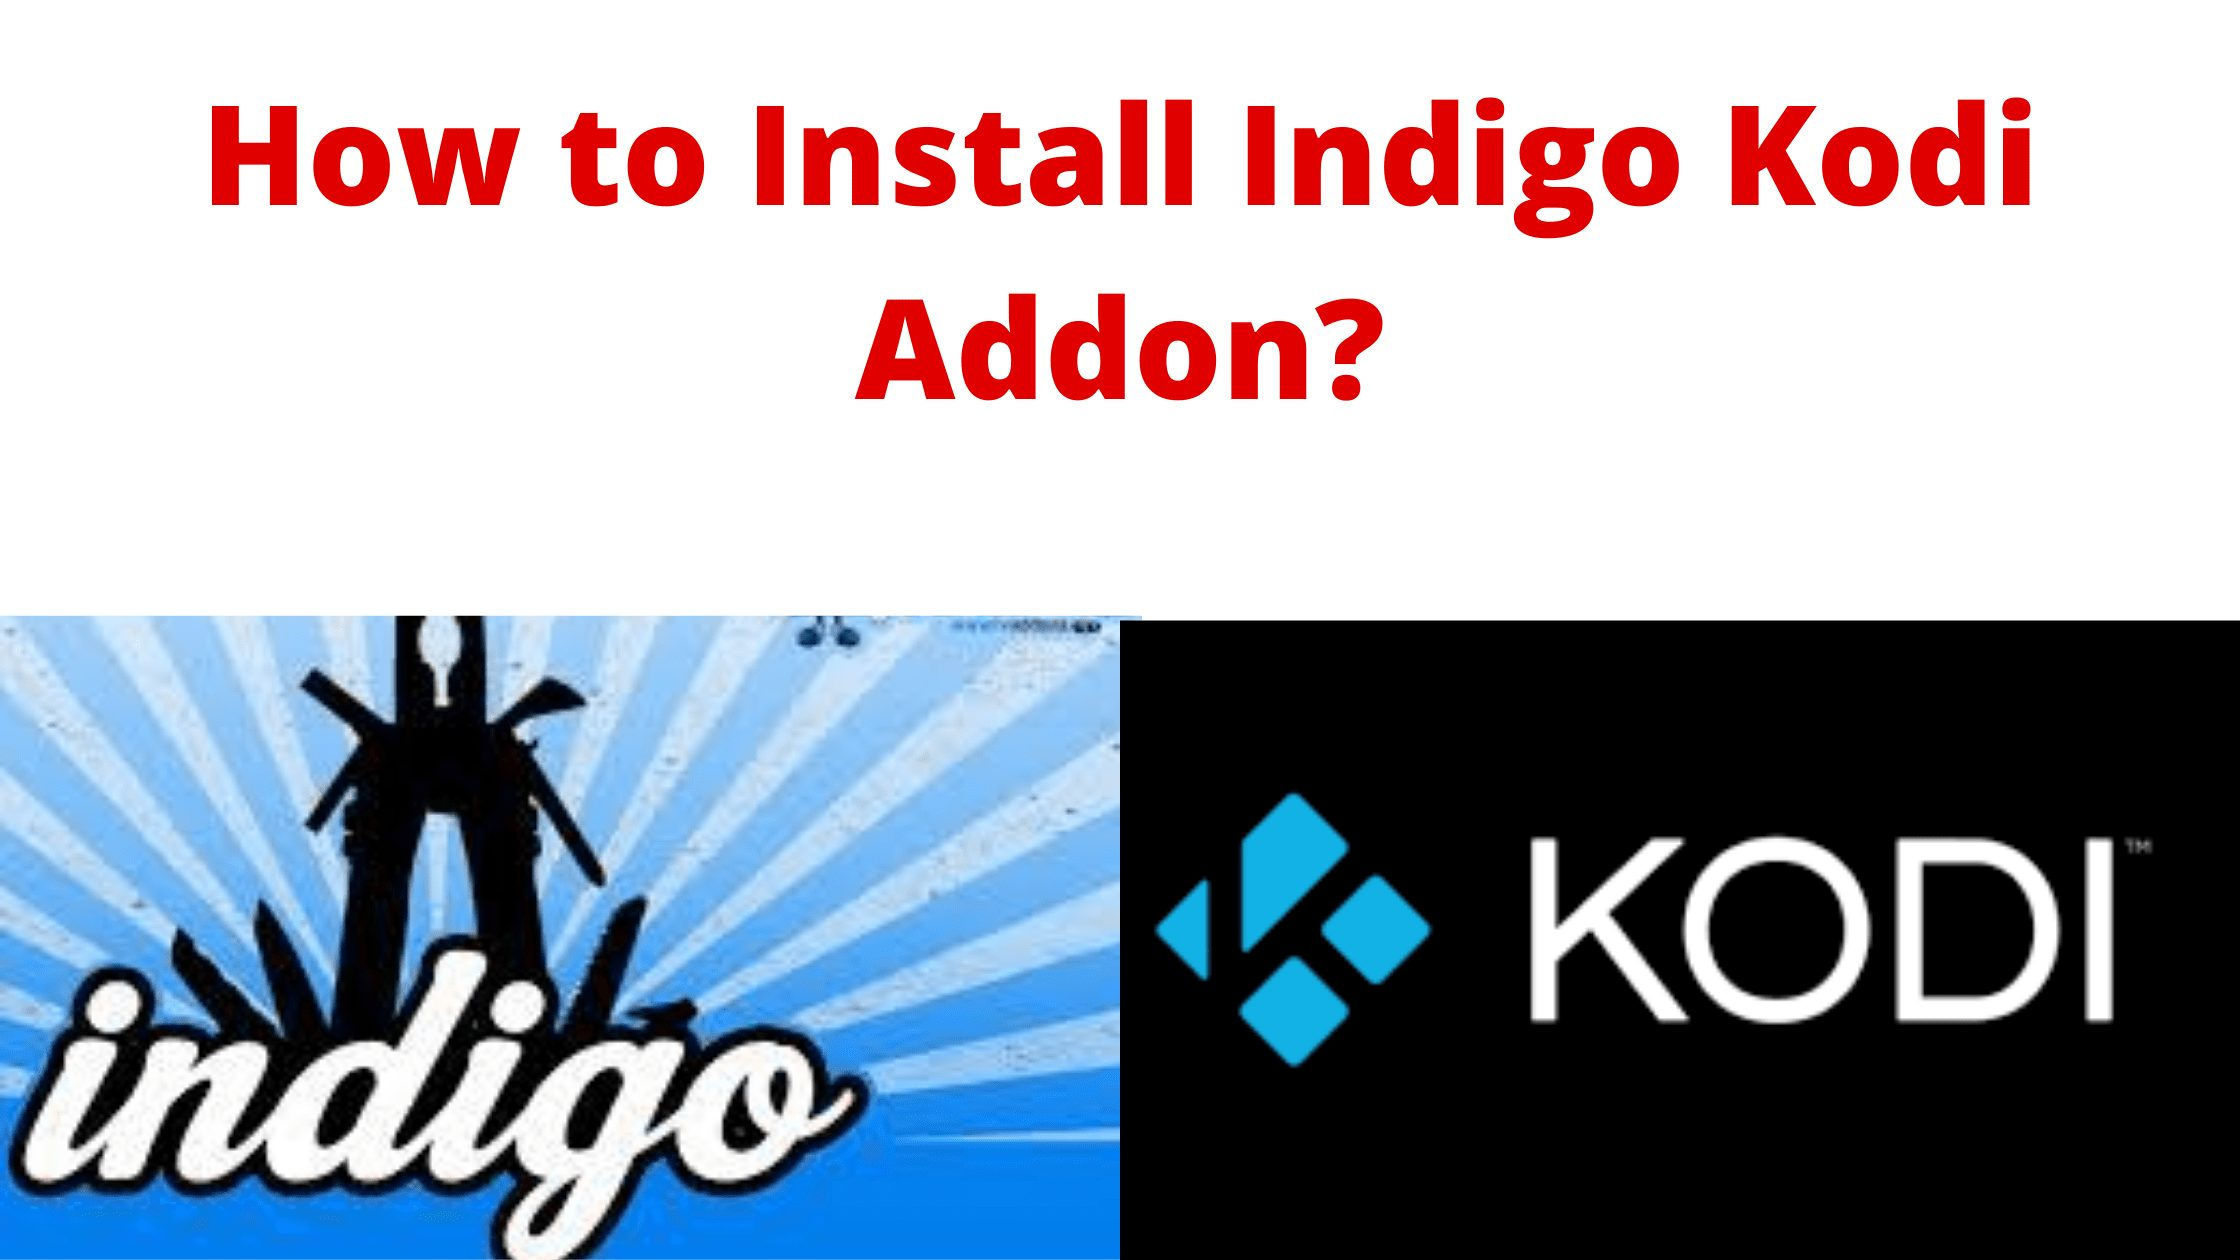 Indigo Kodi